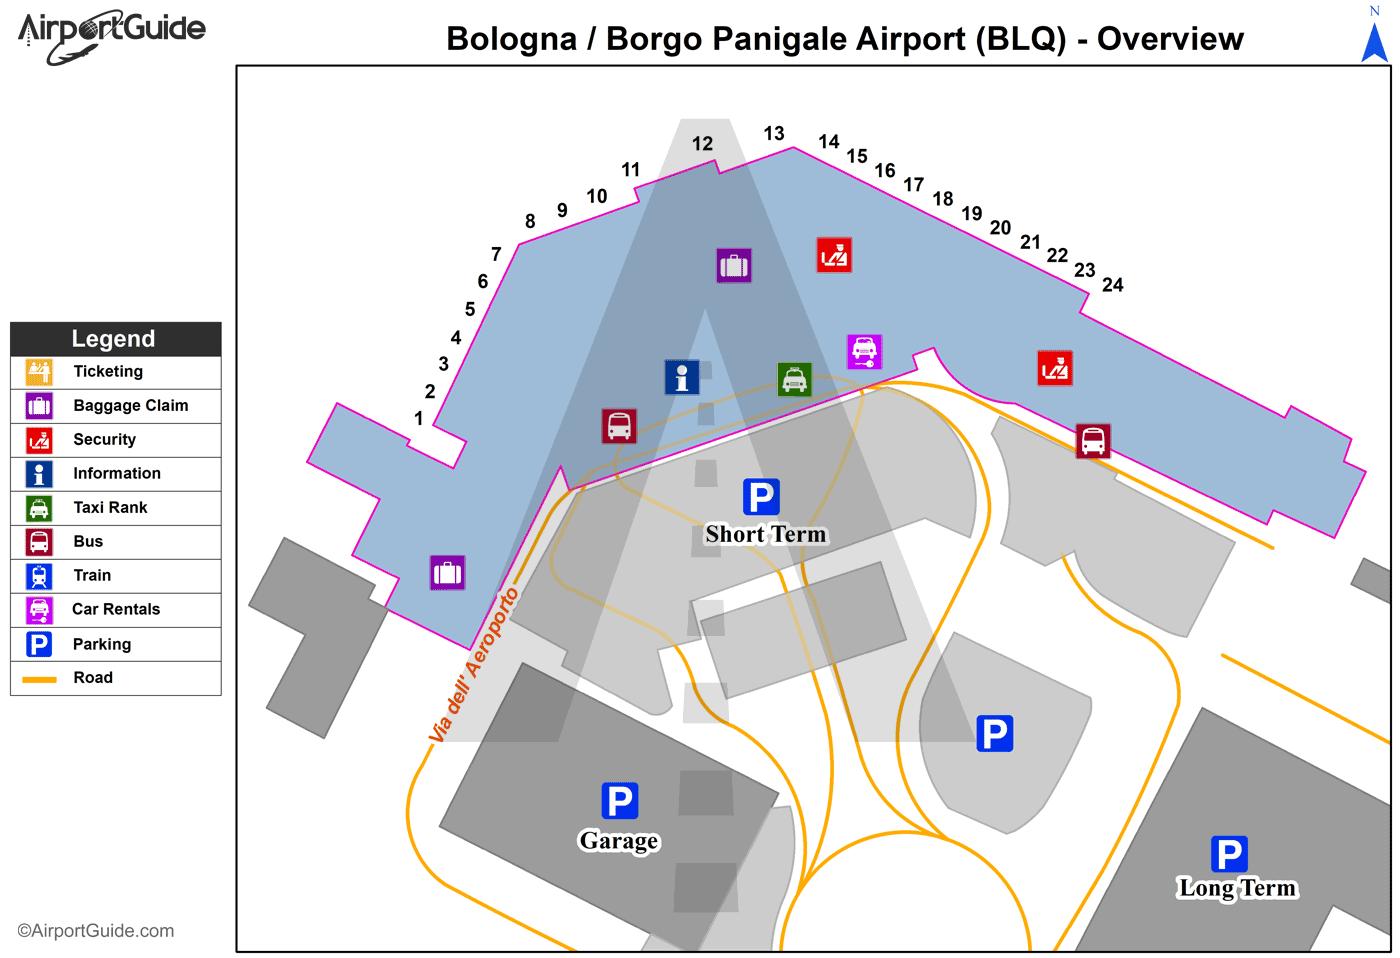 Bologna bologna borgo panigale blq airport terminal for Hotel bologna borgo panigale